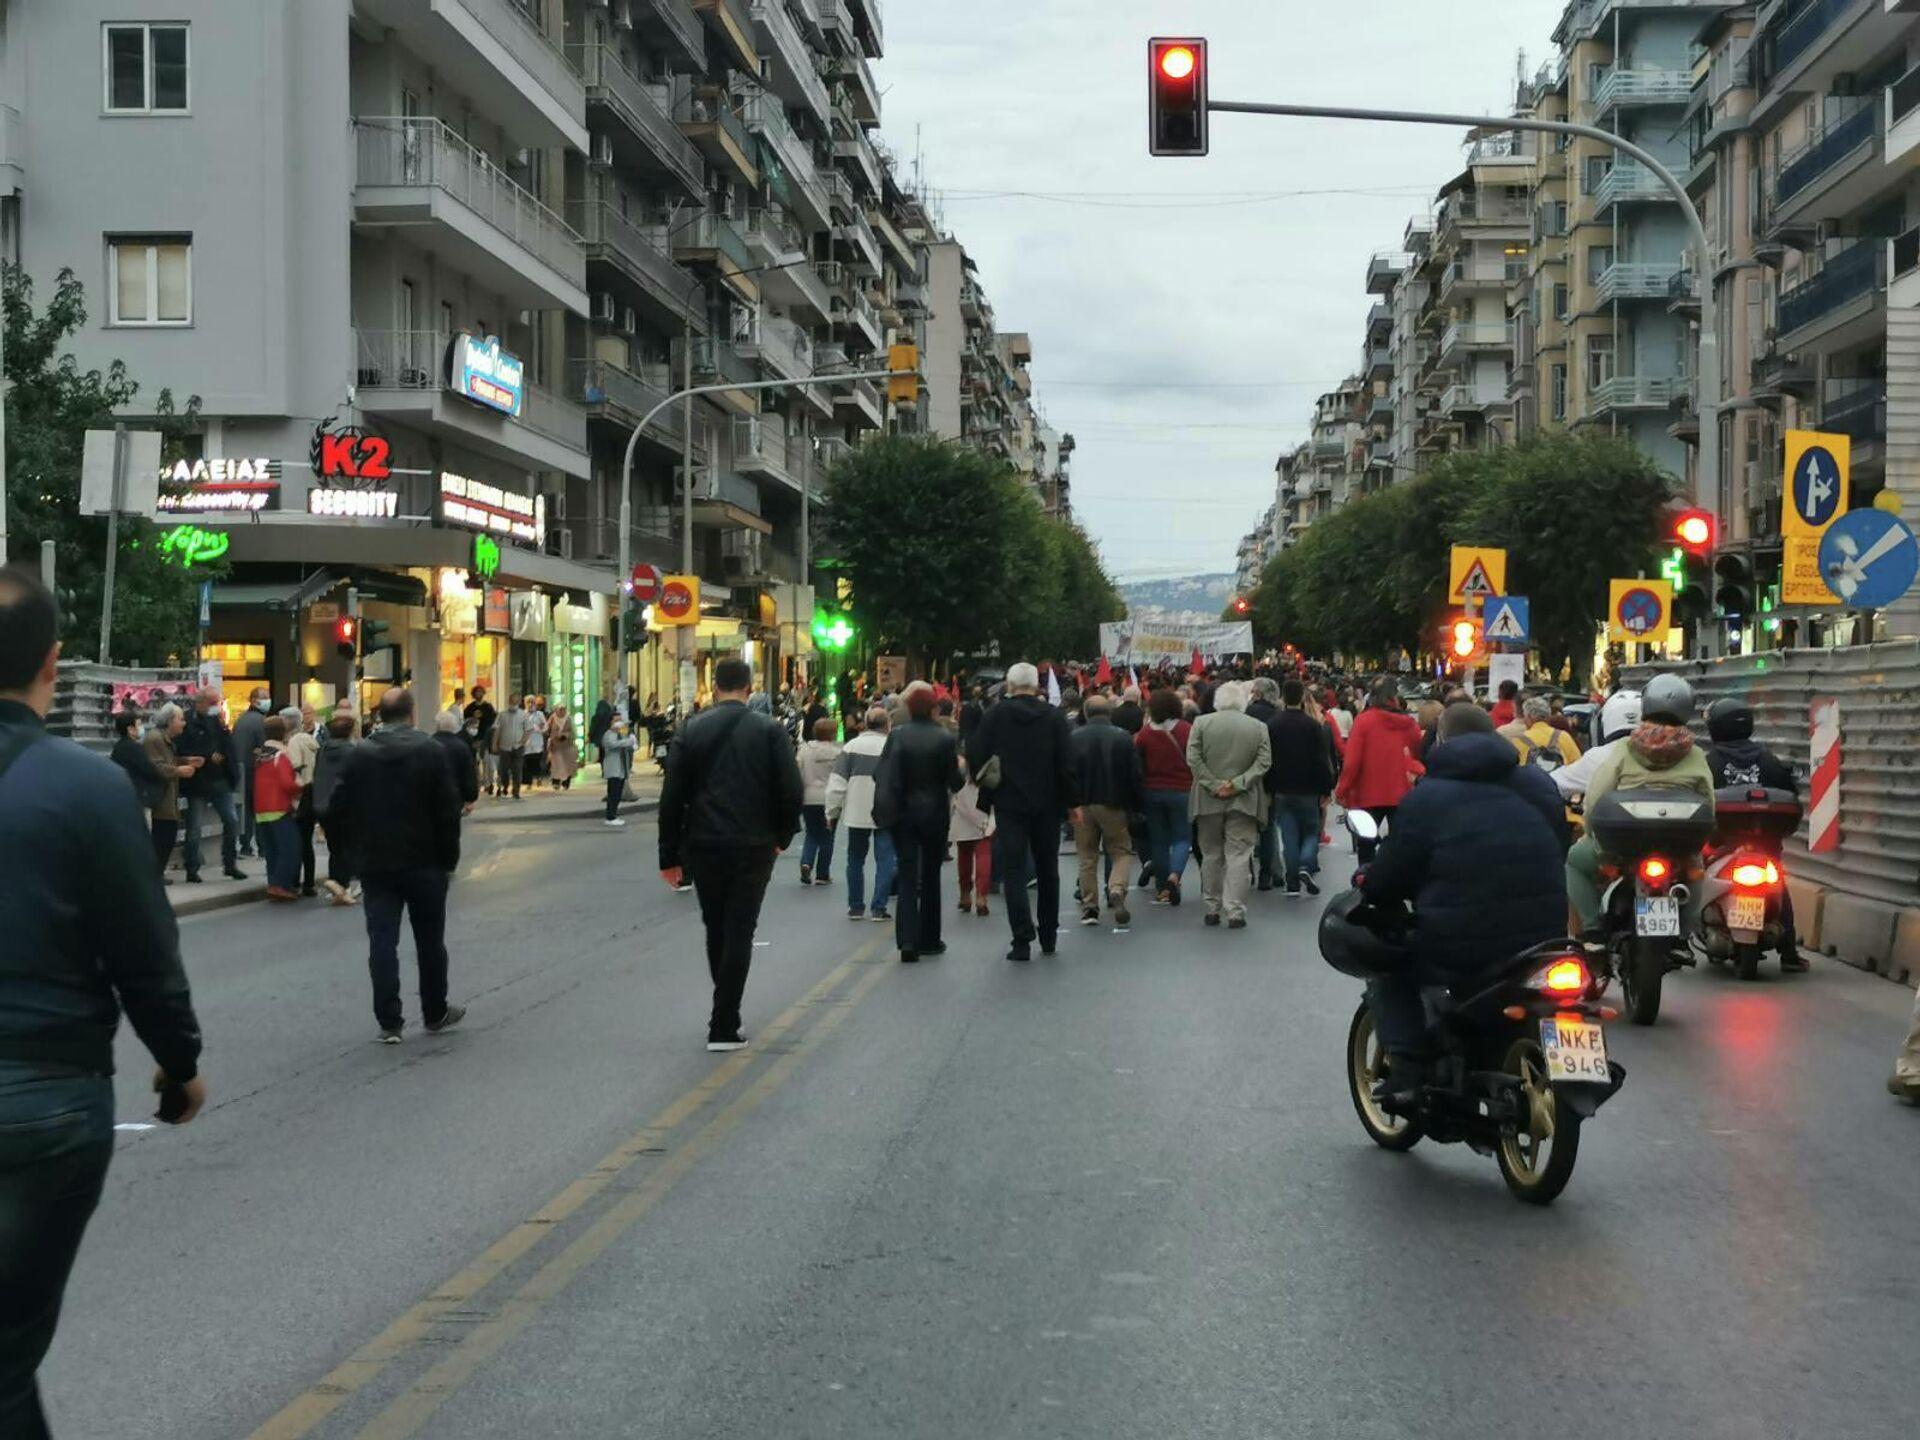 Θεσσαλονίκη: Πορεία για τον ένα χρόνο από την καταδίκη της ΧΑ - Sputnik Ελλάδα, 1920, 07.10.2021